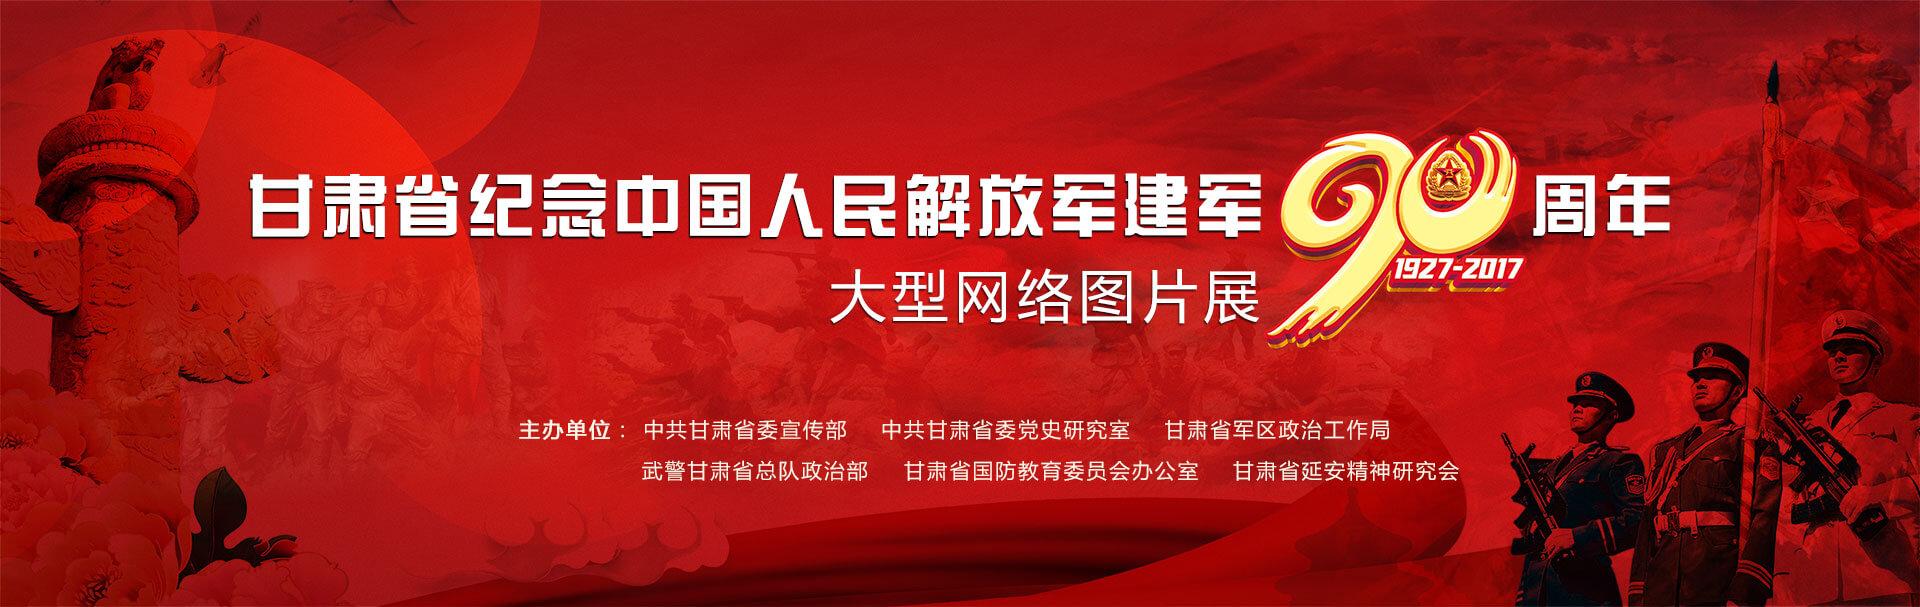 甘肃纪念中国人民解放军建军90周年大型网络图片展